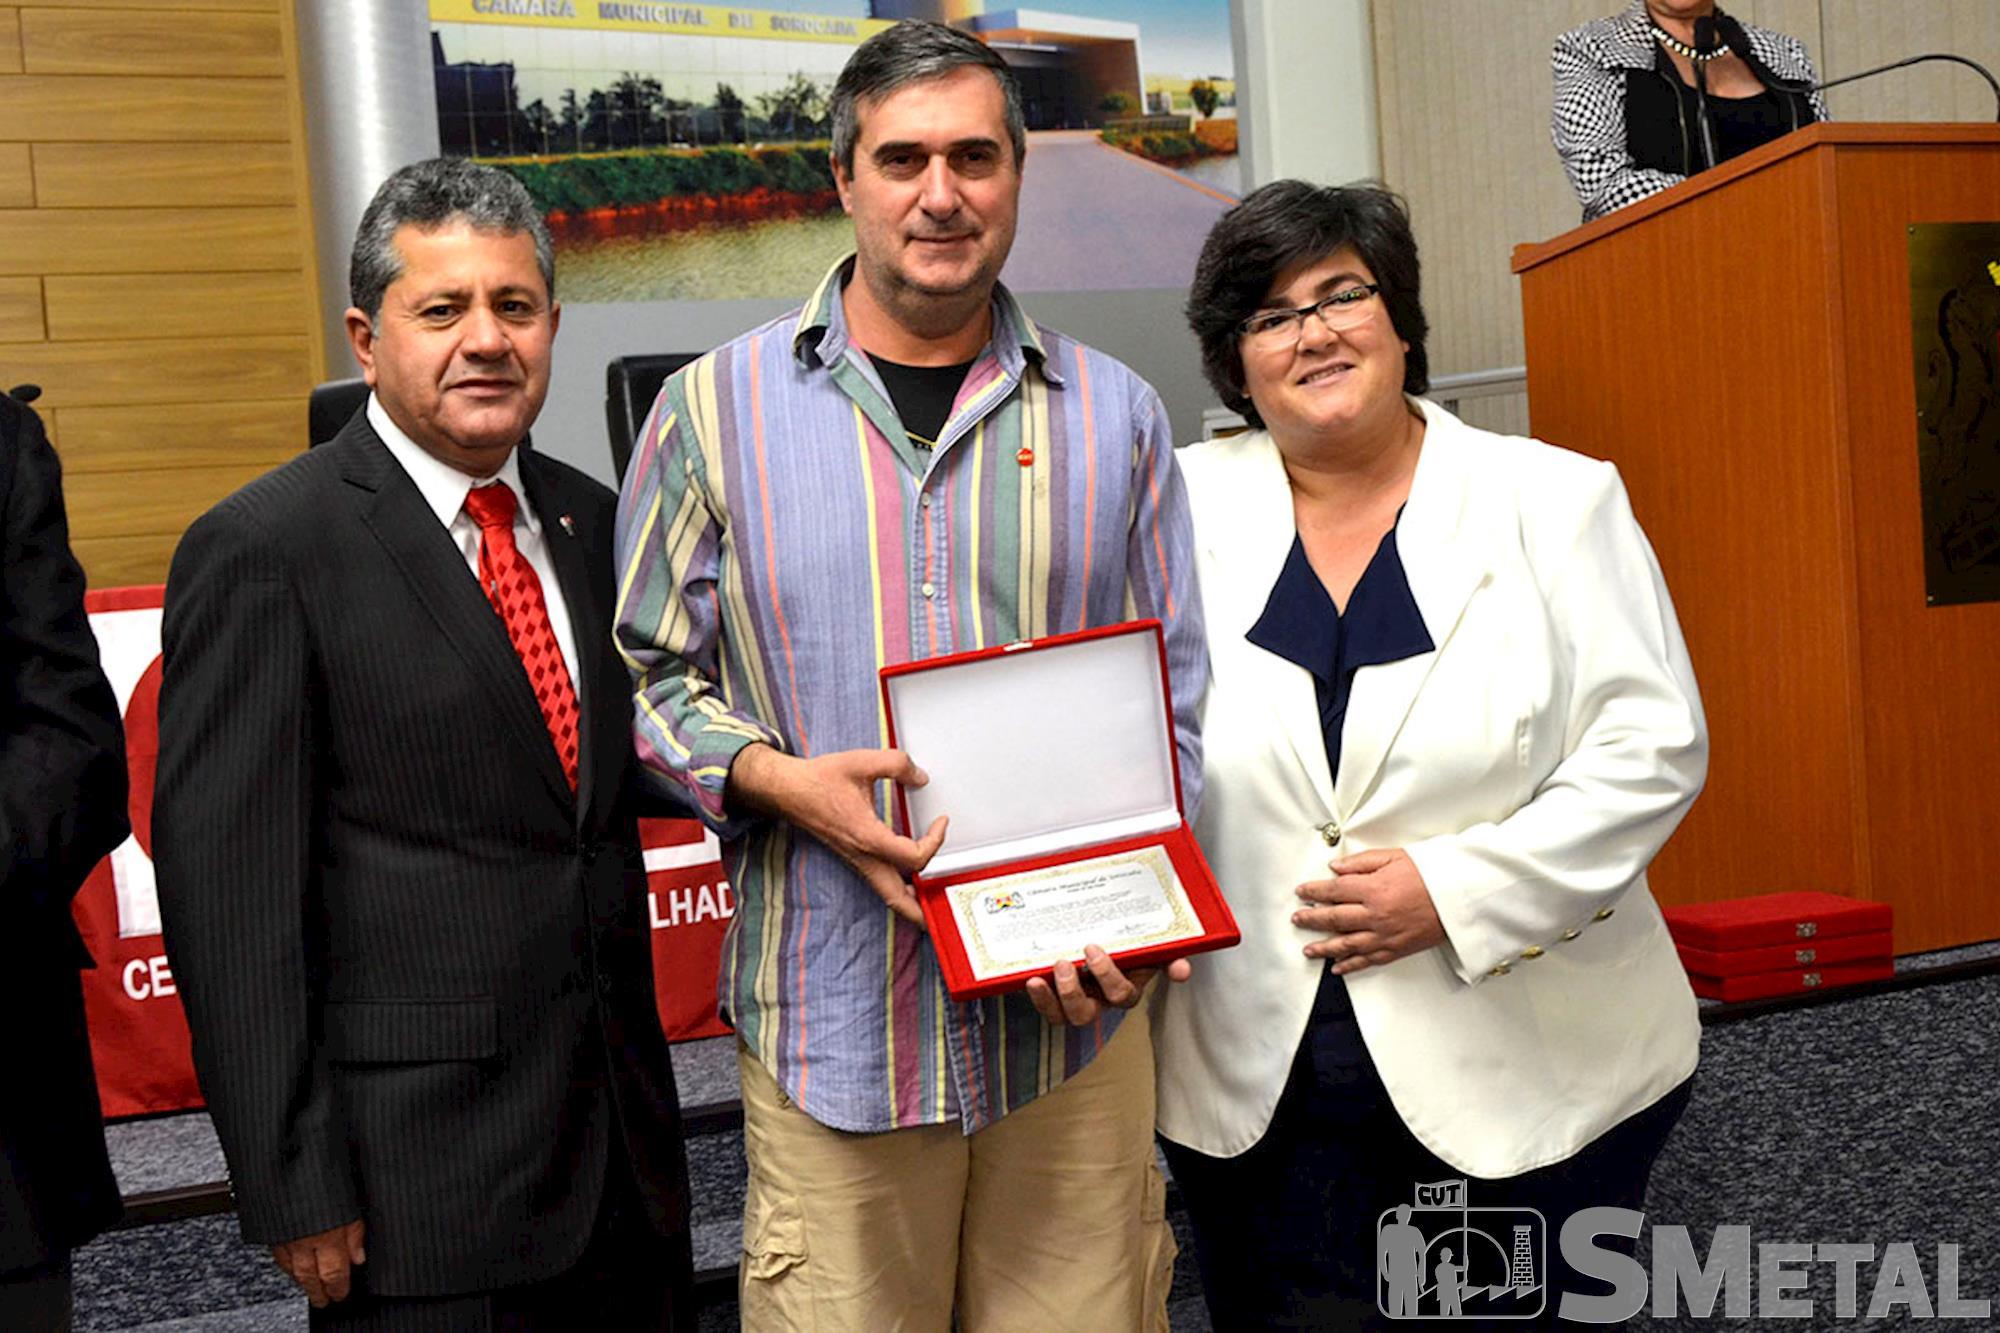 O diretor do Sindicato,  Sidnei Morales Hernandes (ao centro),  recebeu homenagem do vereador Izídio e da prefeita de Araçoiaba,  Mara Melo, Sessão Solene na Câmara de Sorocaba comemora 30 anos de CUT